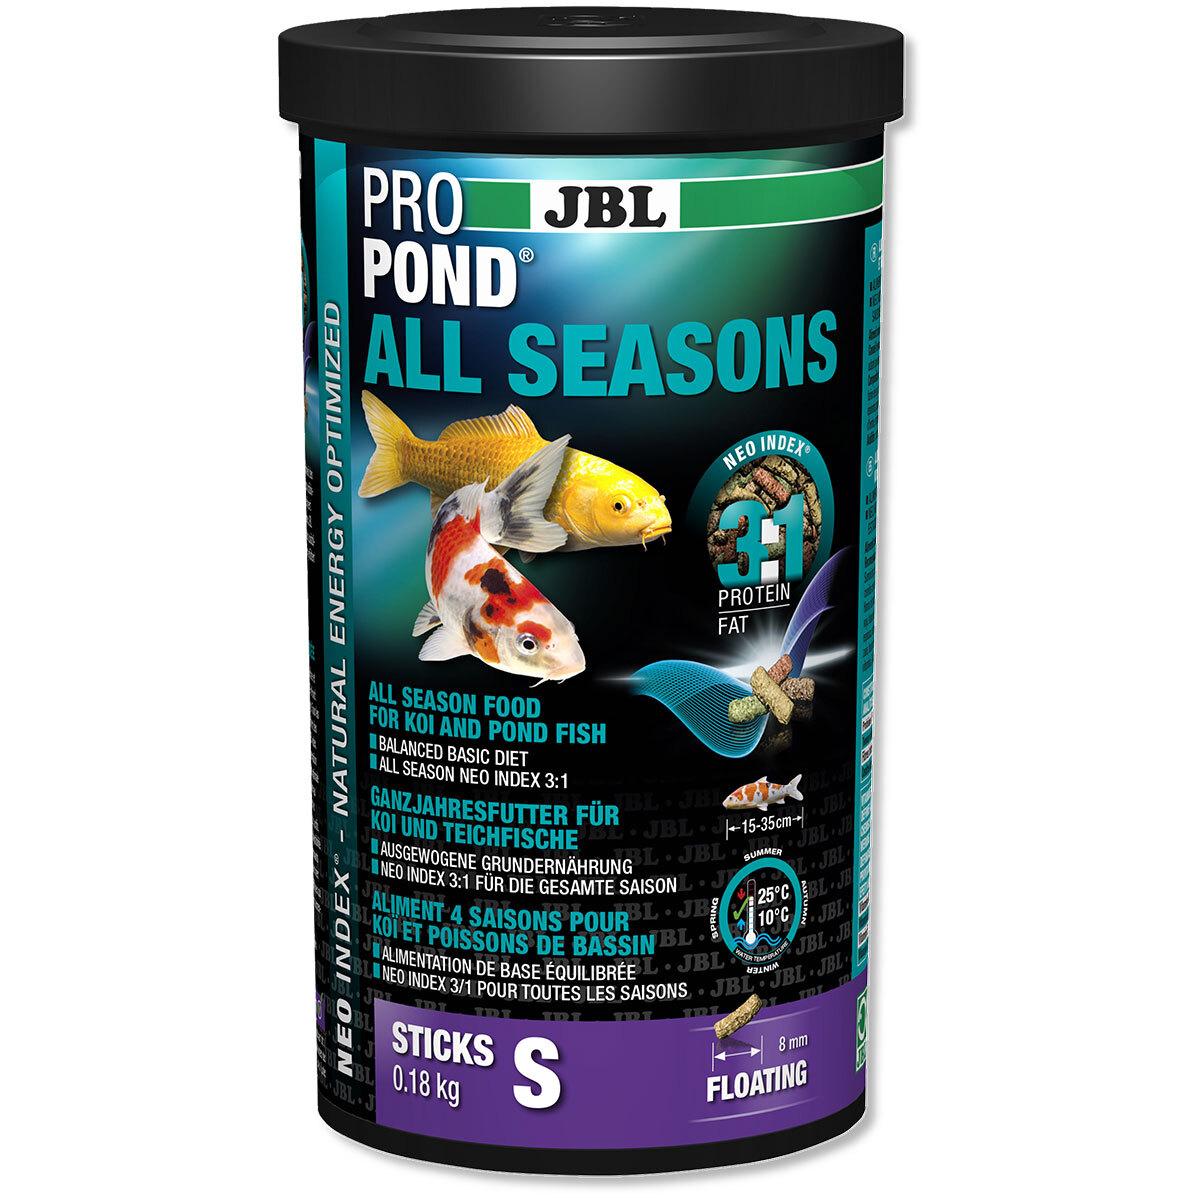 Bild 6 von JBL ProPond Ganzjahresfutter für Koi und Teichfische